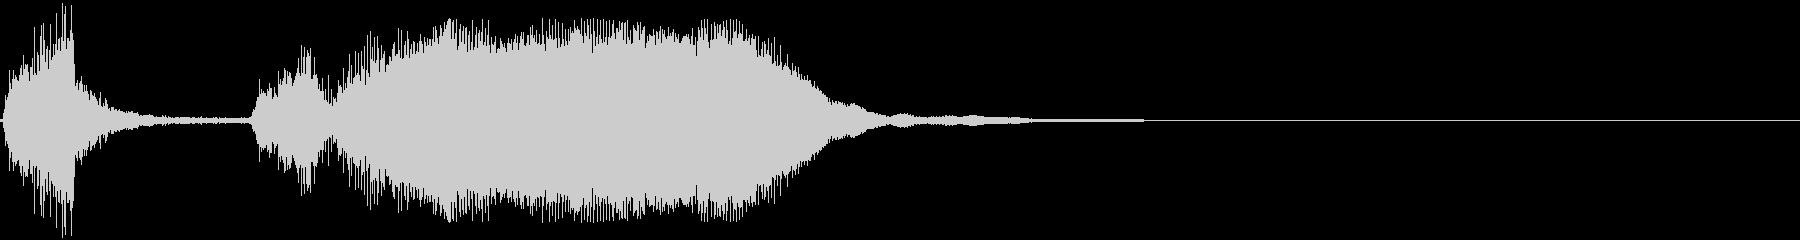 シンプルなファンファーレ7の未再生の波形